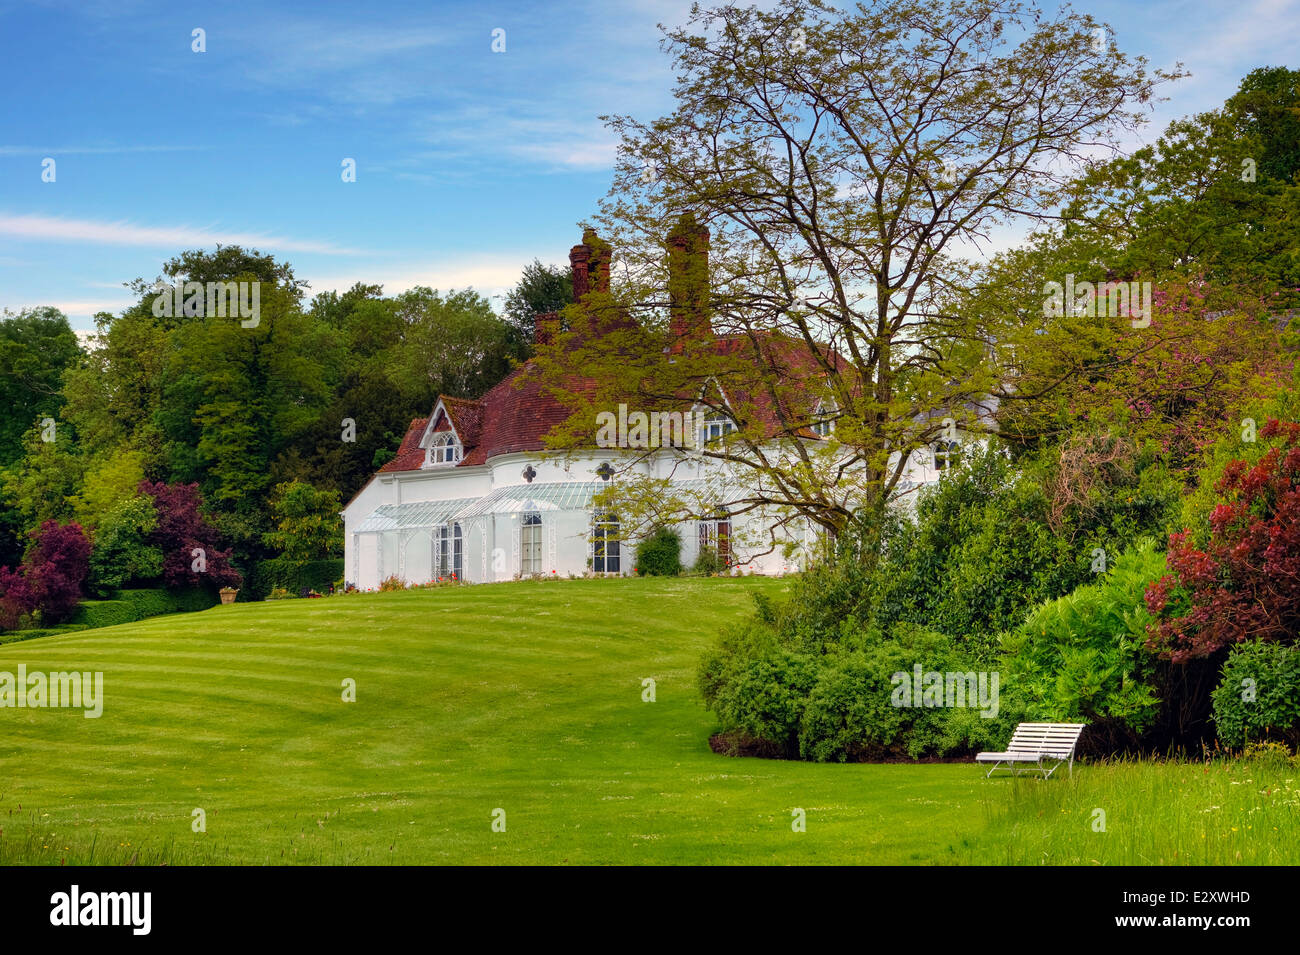 Houghton Lodge, Stockbridge, Hampshire, England, United Kingdom - Stock Image